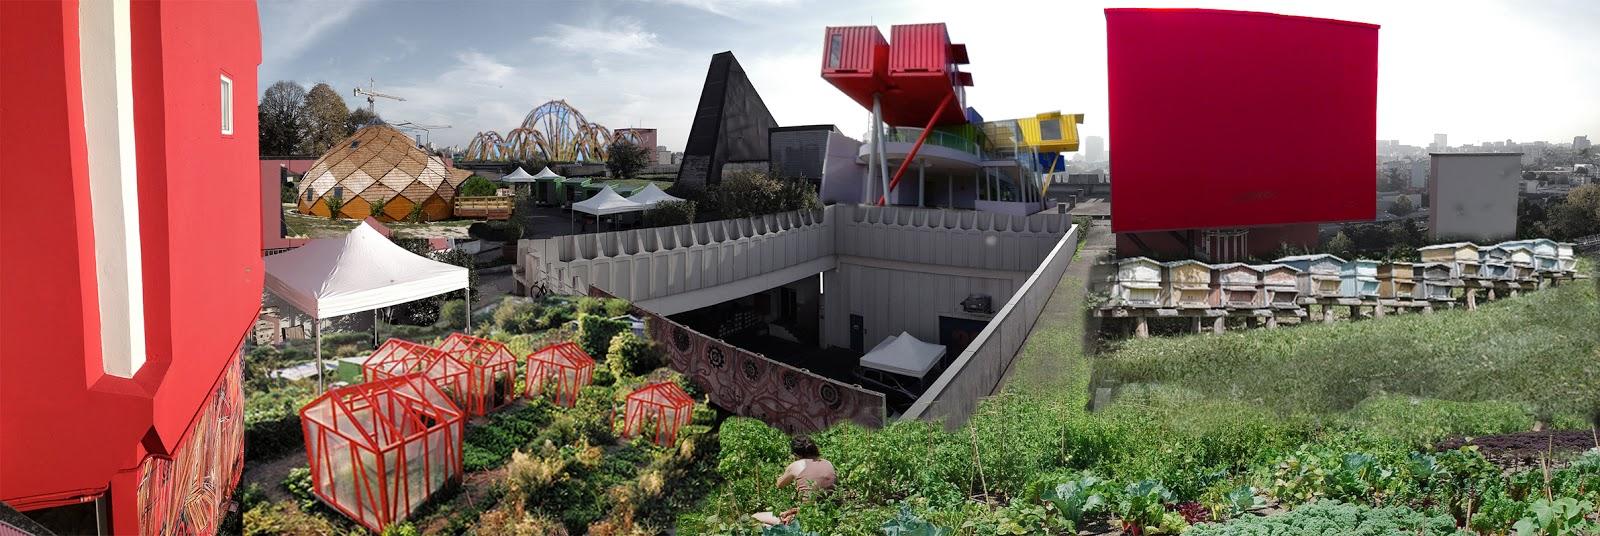 Les vergers d 39 atalanta a montreuil le collectif babylone r ve de nouveaux jardins suspendus - Terrasse jardin suspendu montreuil ...